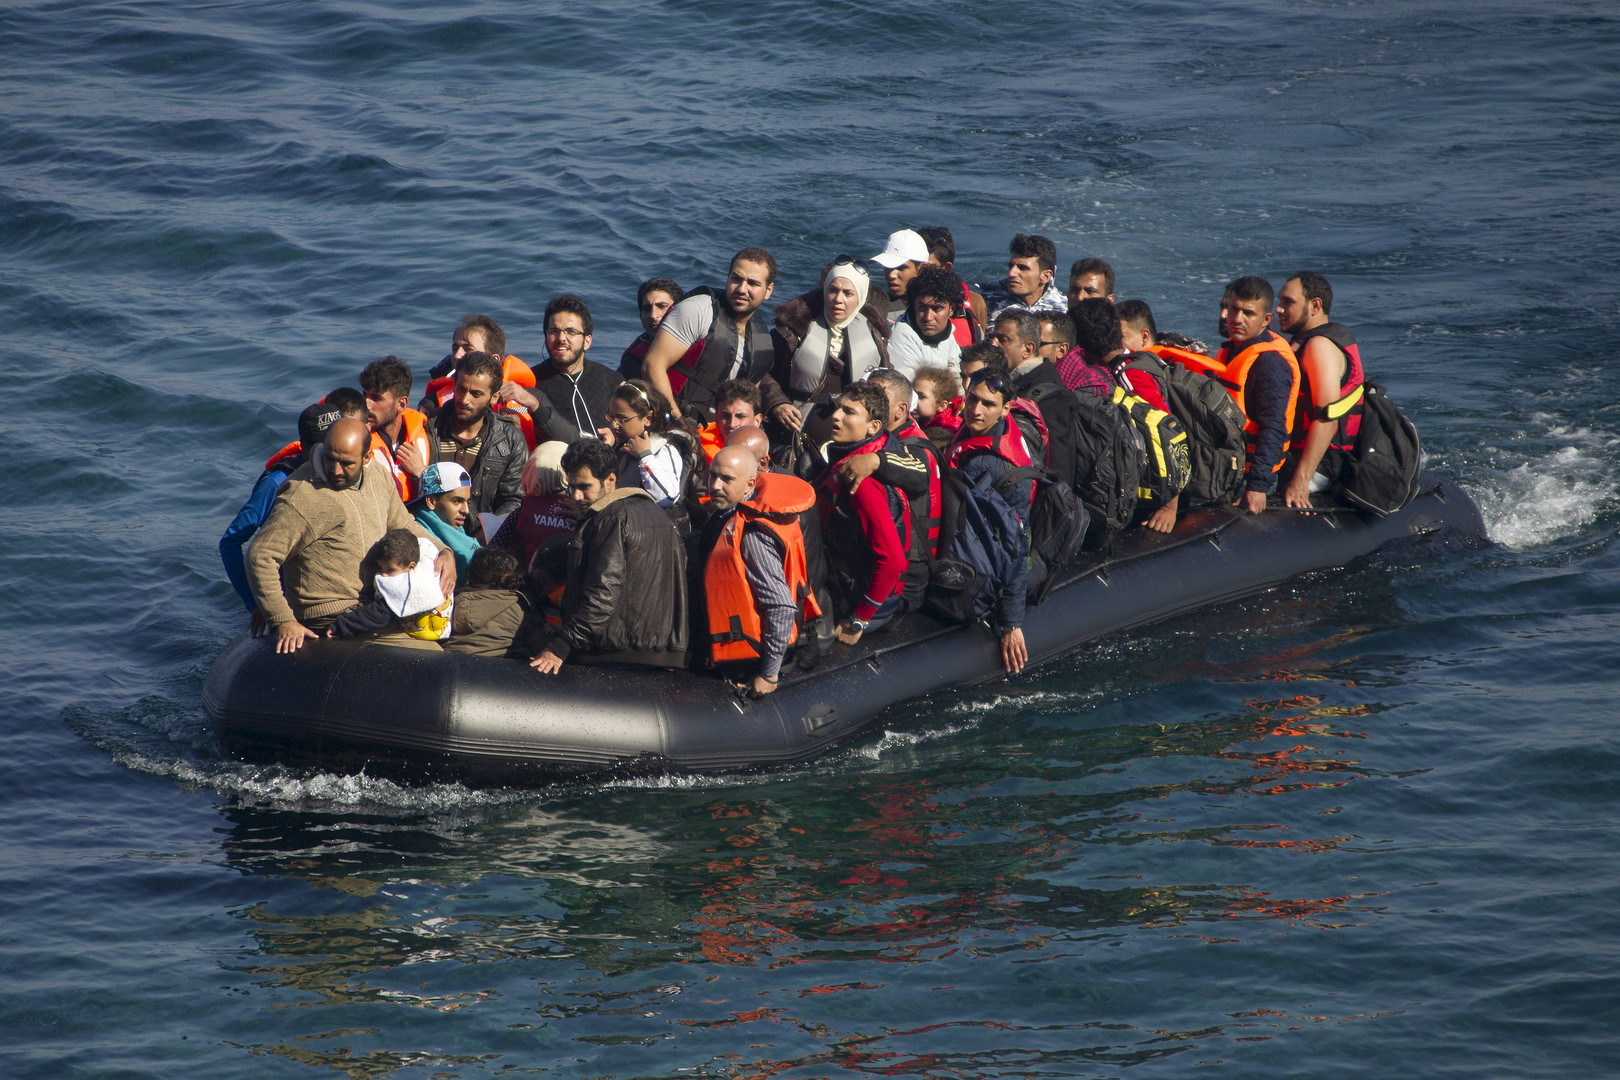 رحلة الموت مع اللاجئين